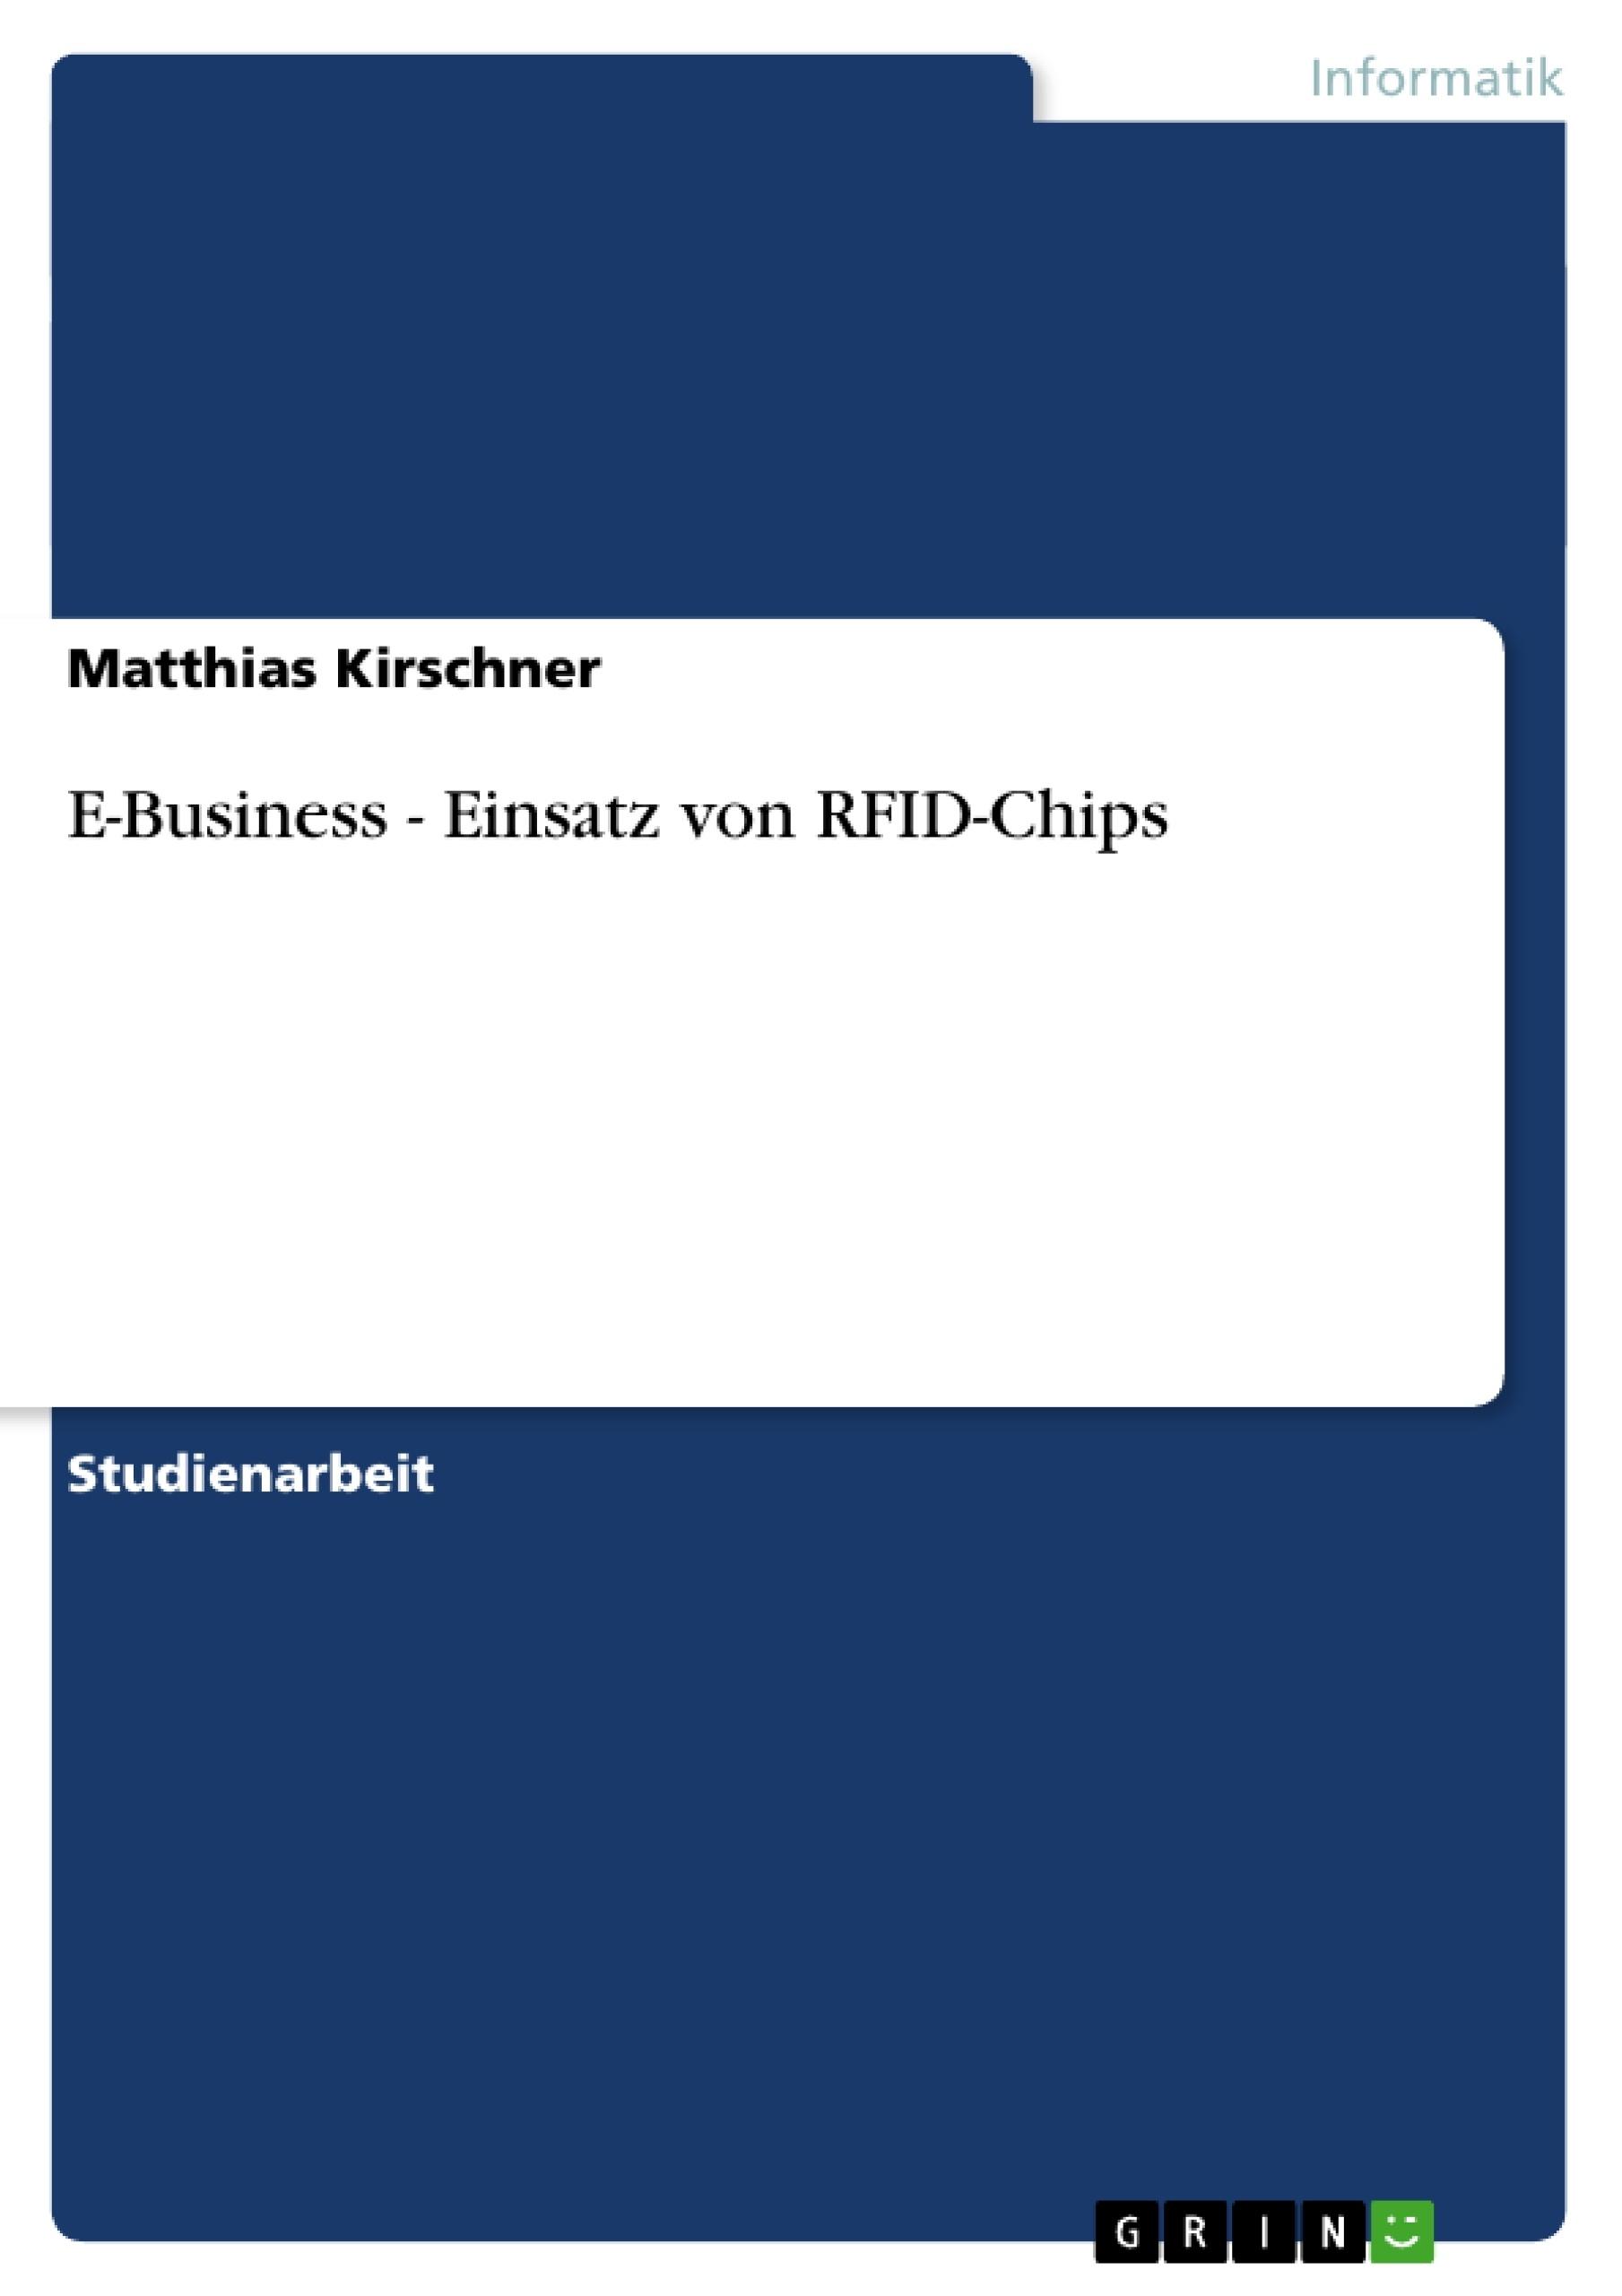 Titel: E-Business - Einsatz von RFID-Chips